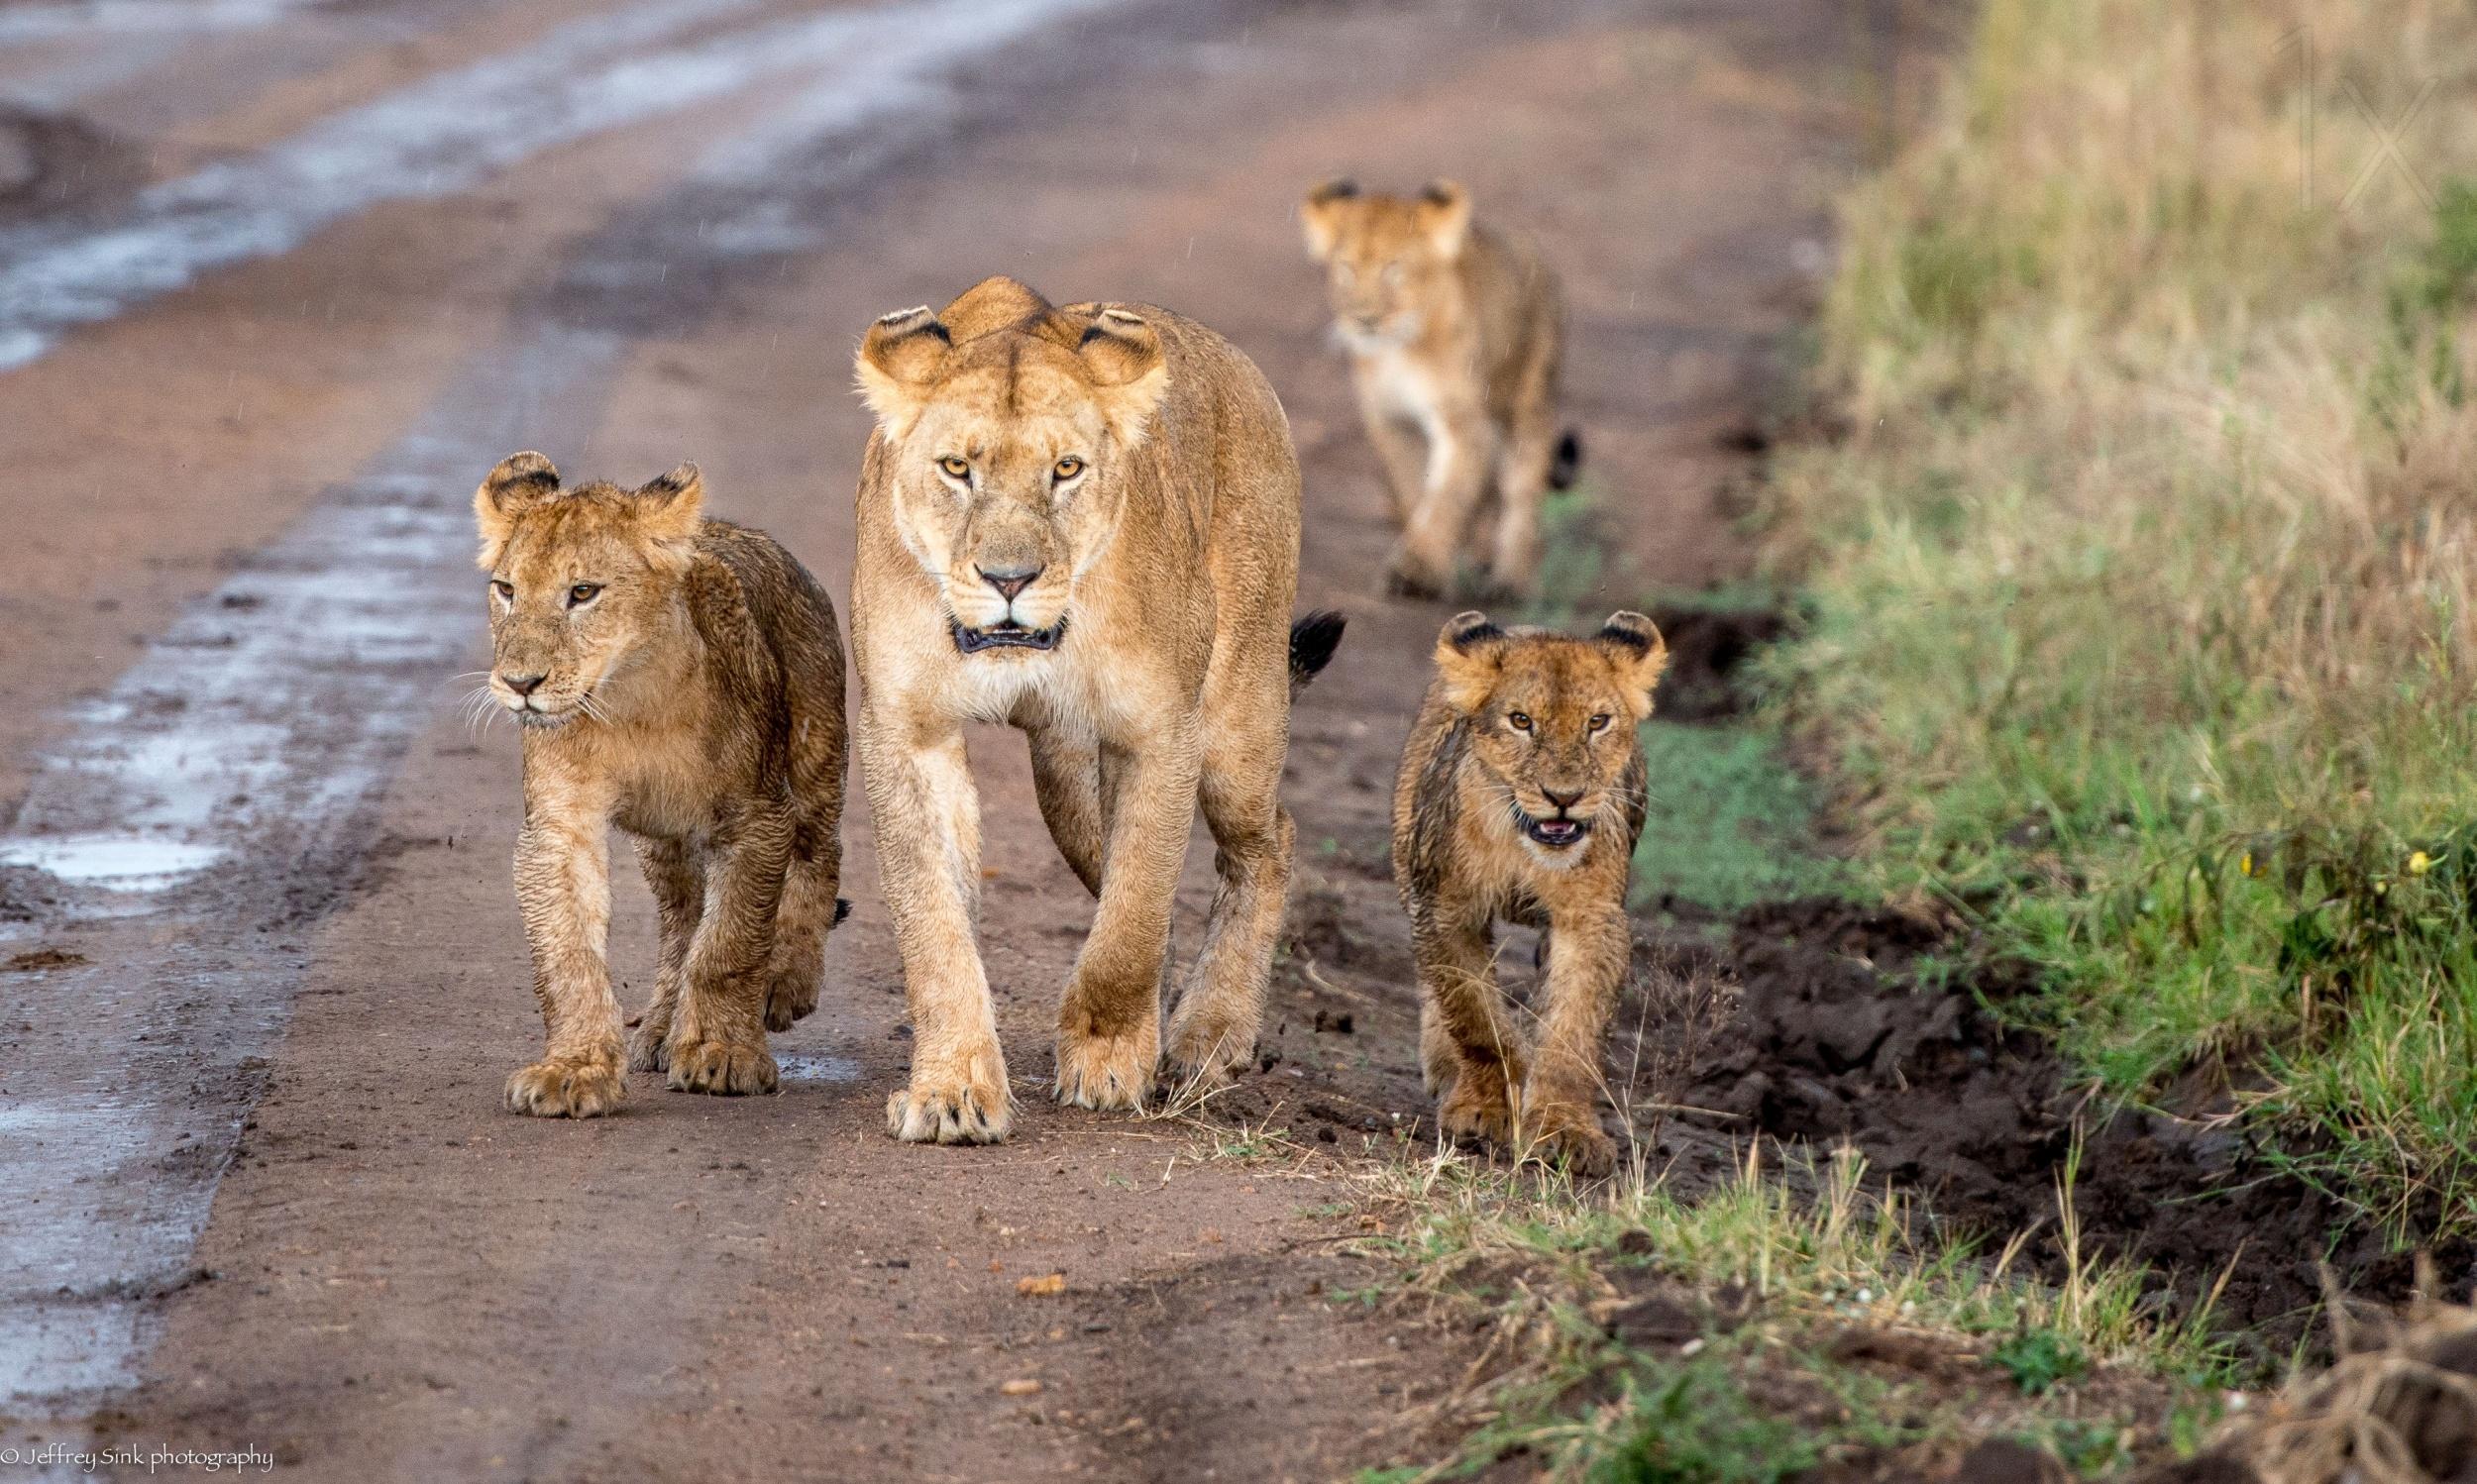 八达岭野生动物世界是中国较大的野生动物繁育基地之一,现已繁殖非洲